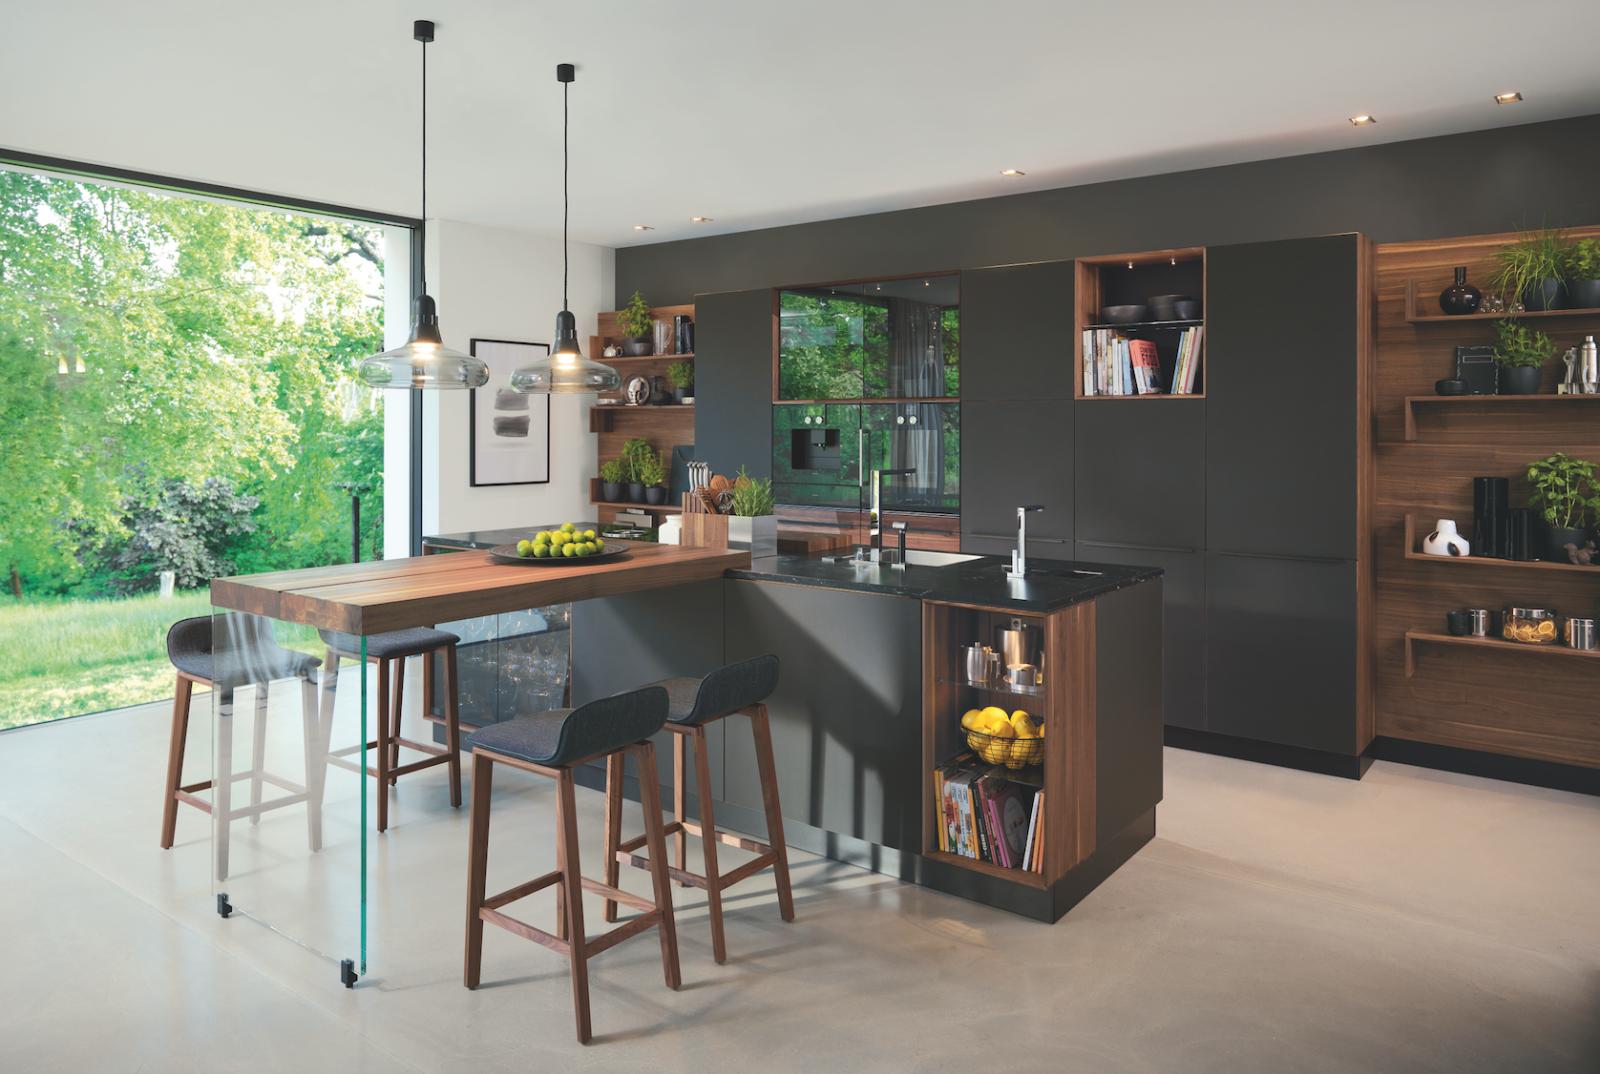 10 x 7 küchendesign  kitchen design trends weull be seeing in   מאסטר שף